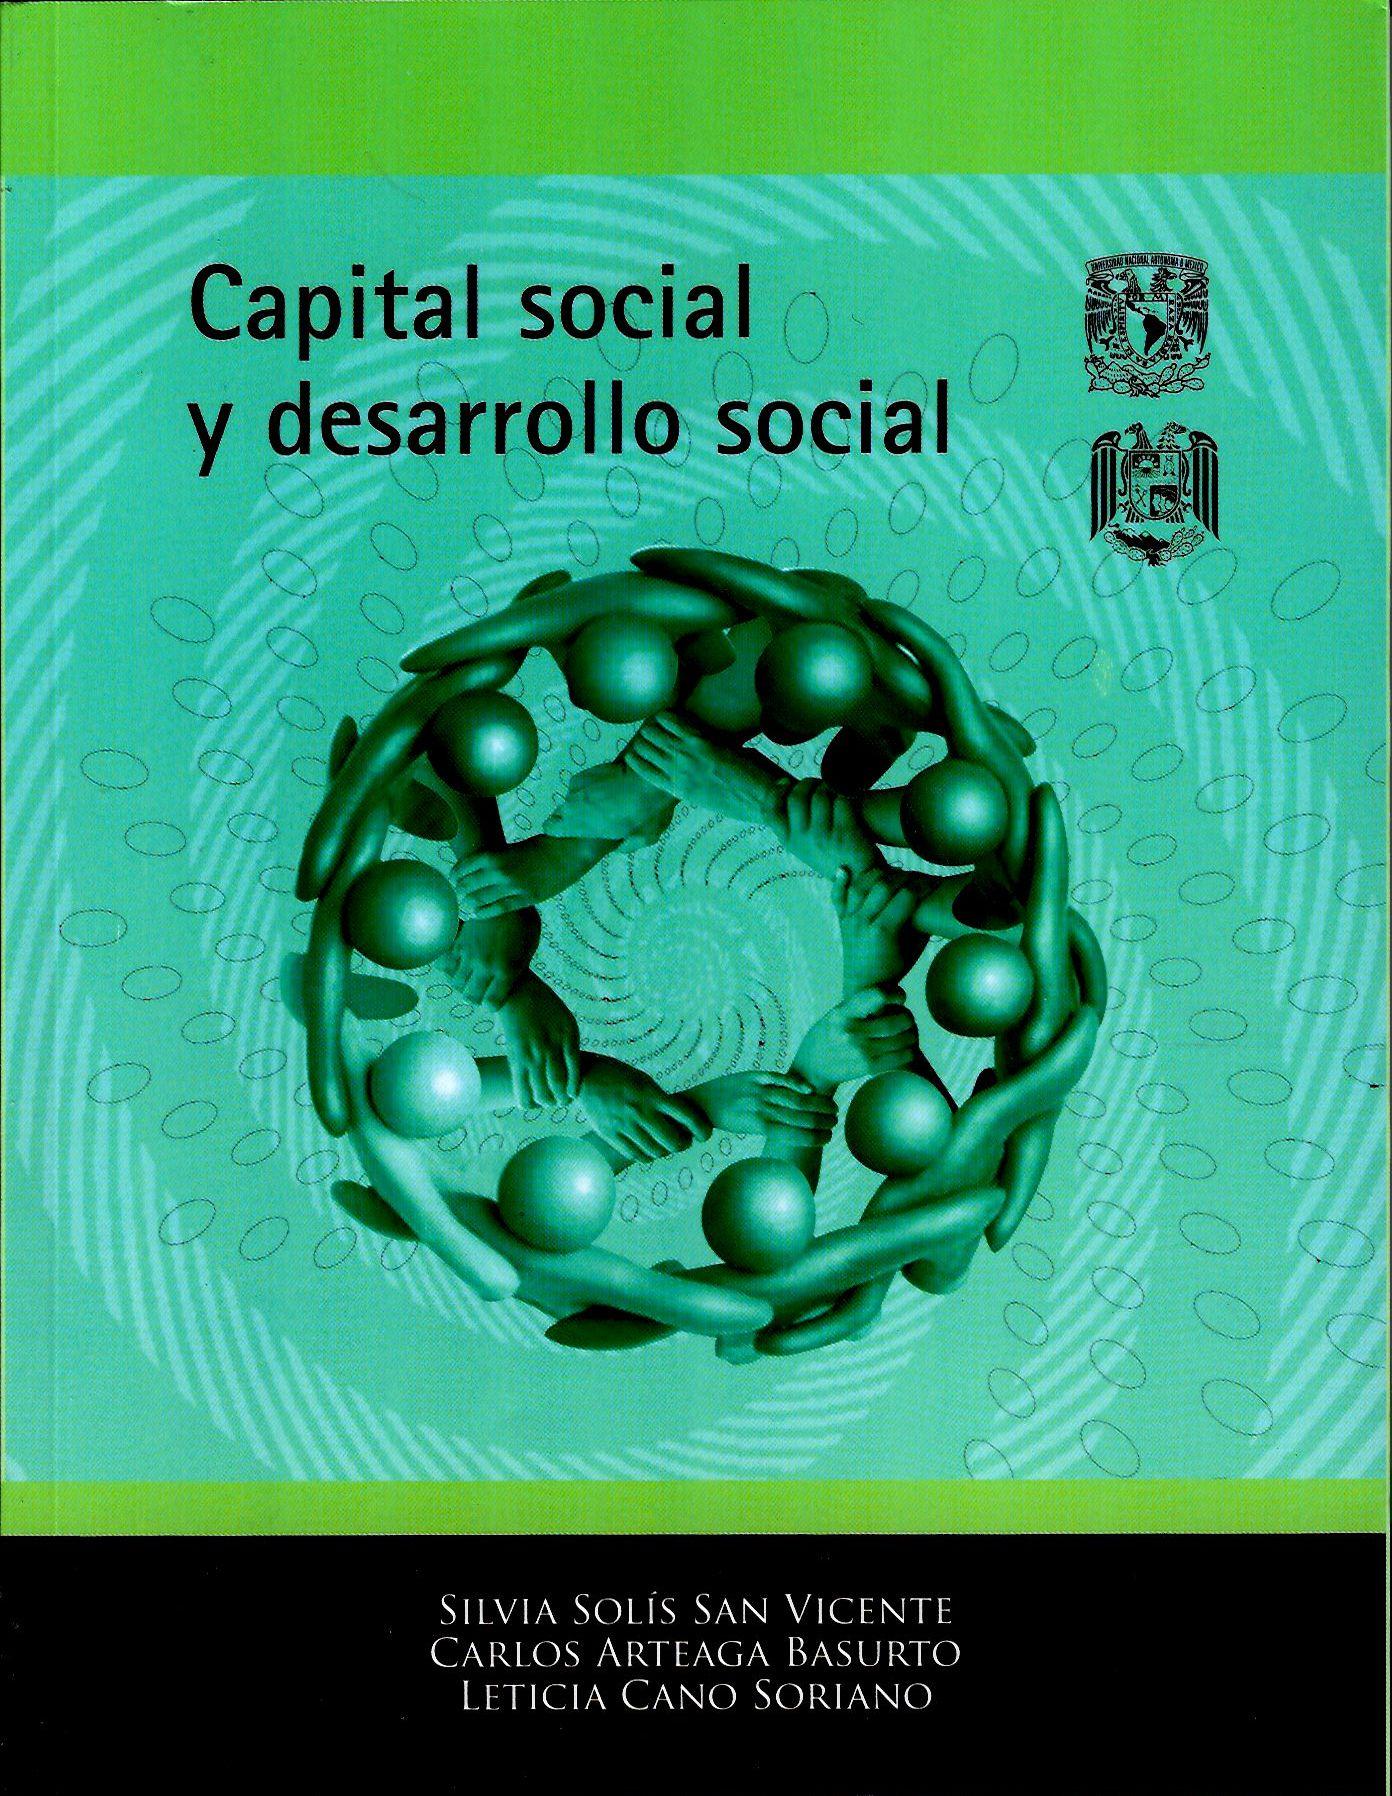 Capital social y desarrollo social